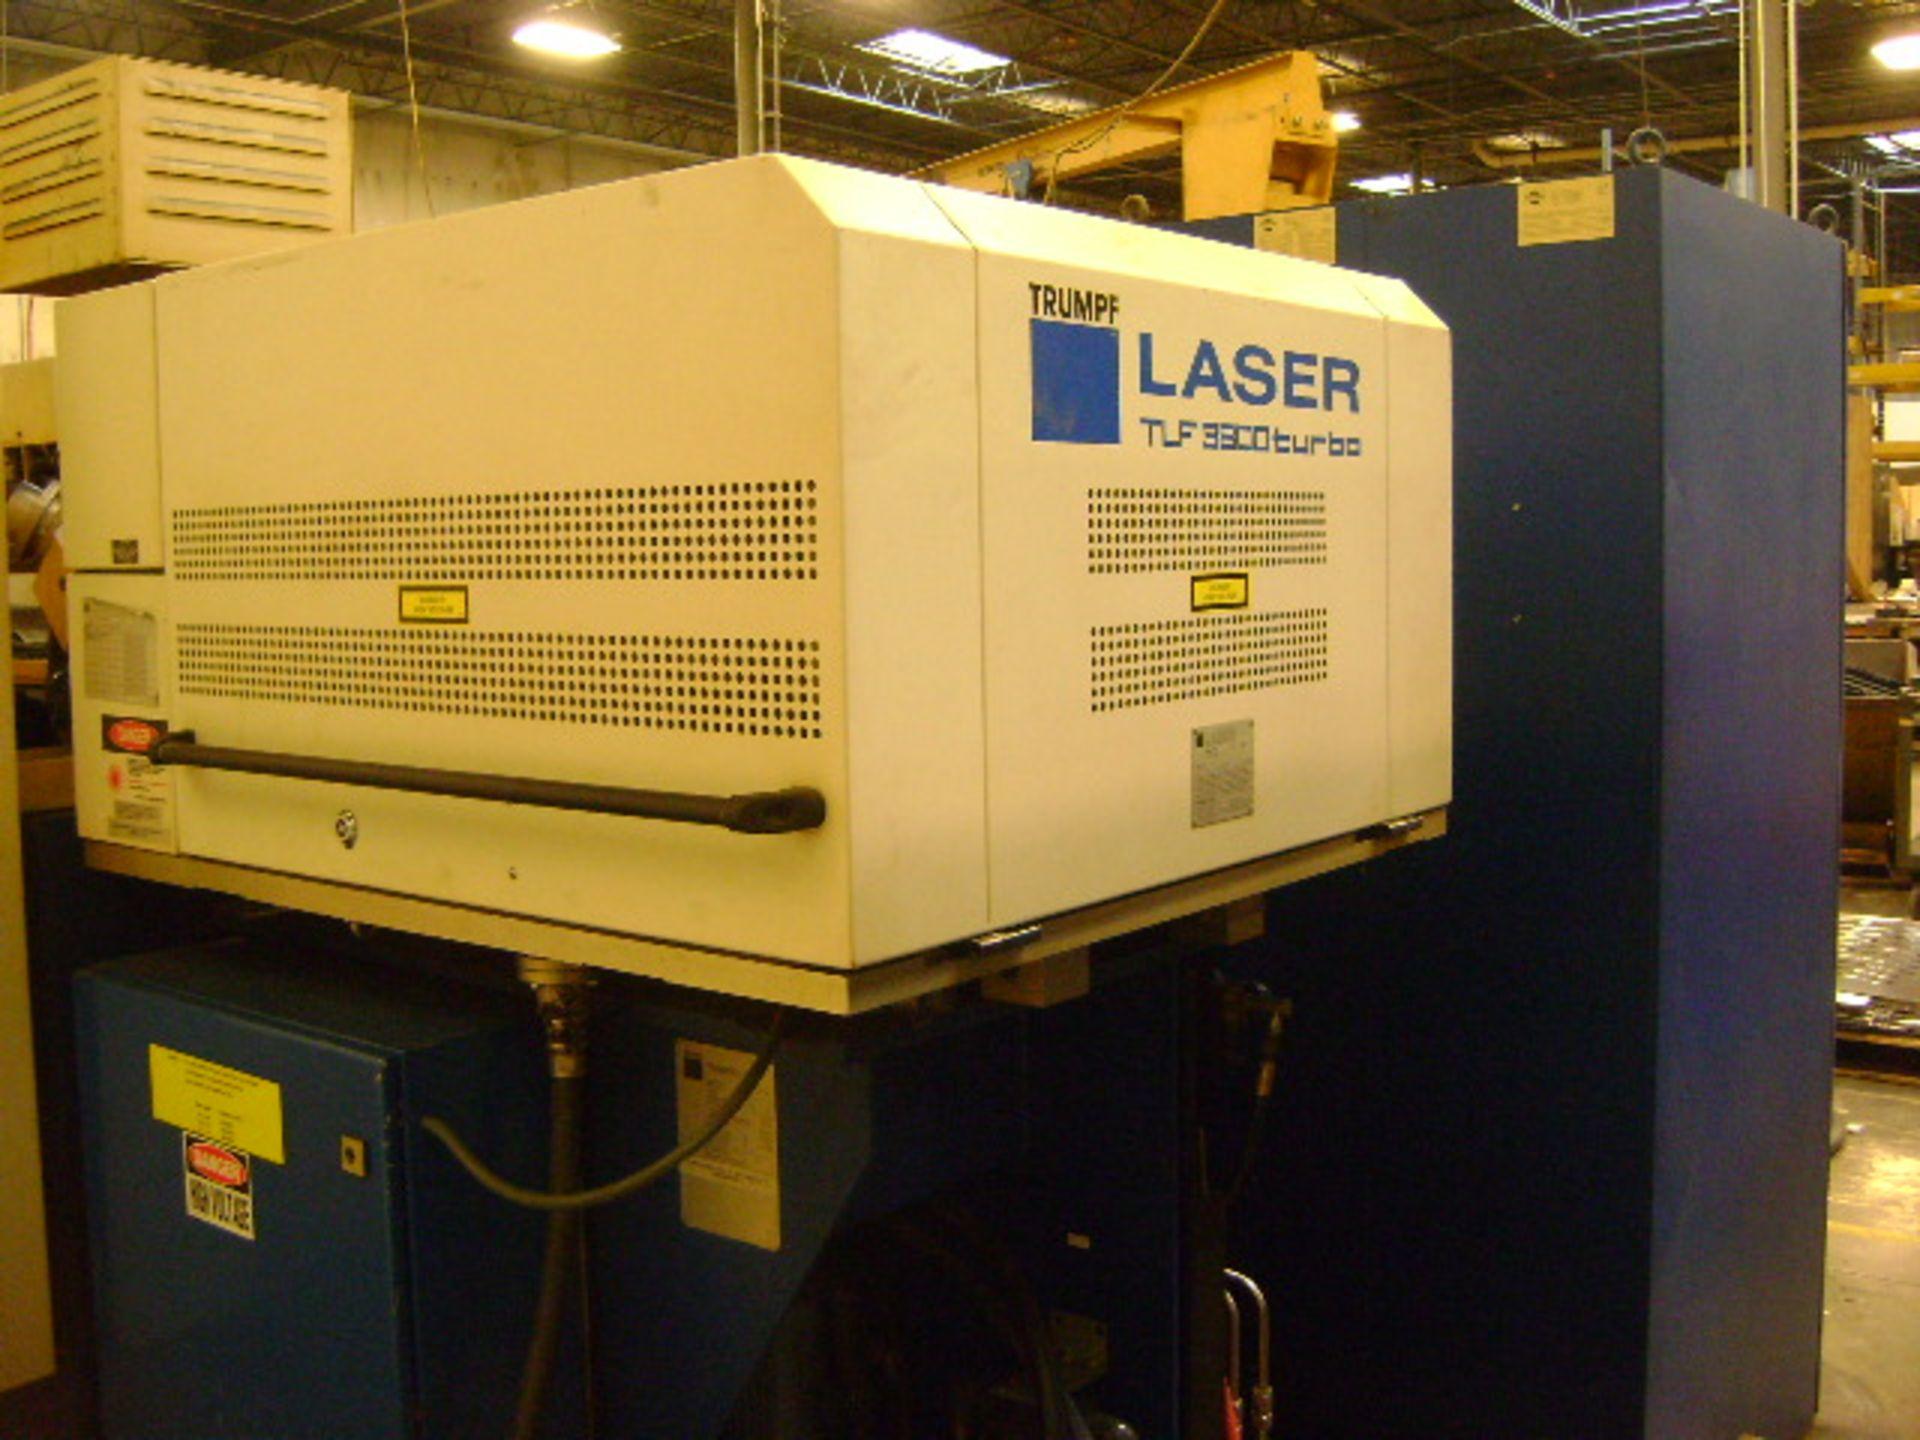 Trumpf Trumatic L2530 CNC Laser - Image 4 of 4